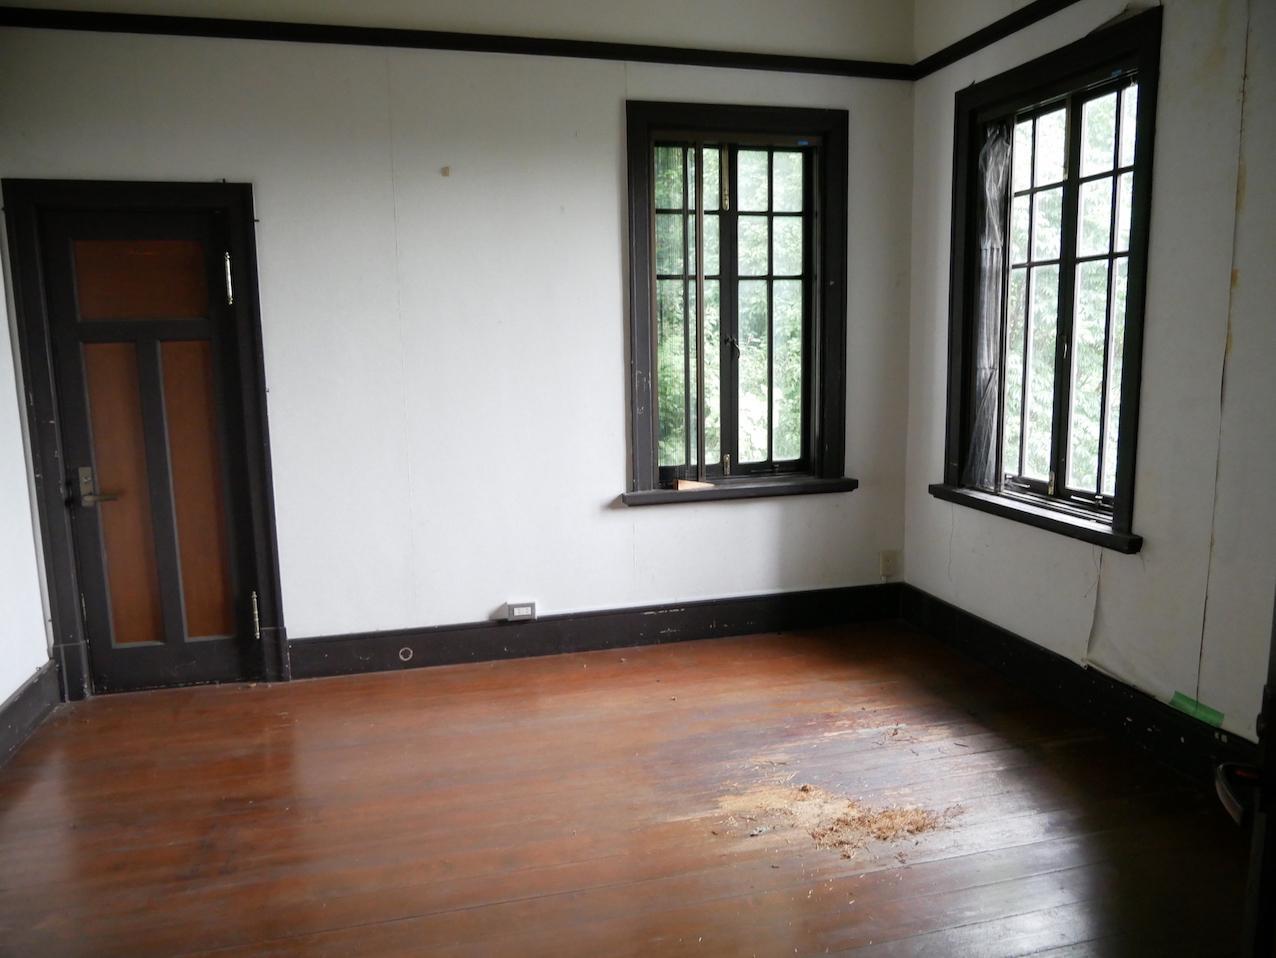 2階洋室 ところどころ補修は必要